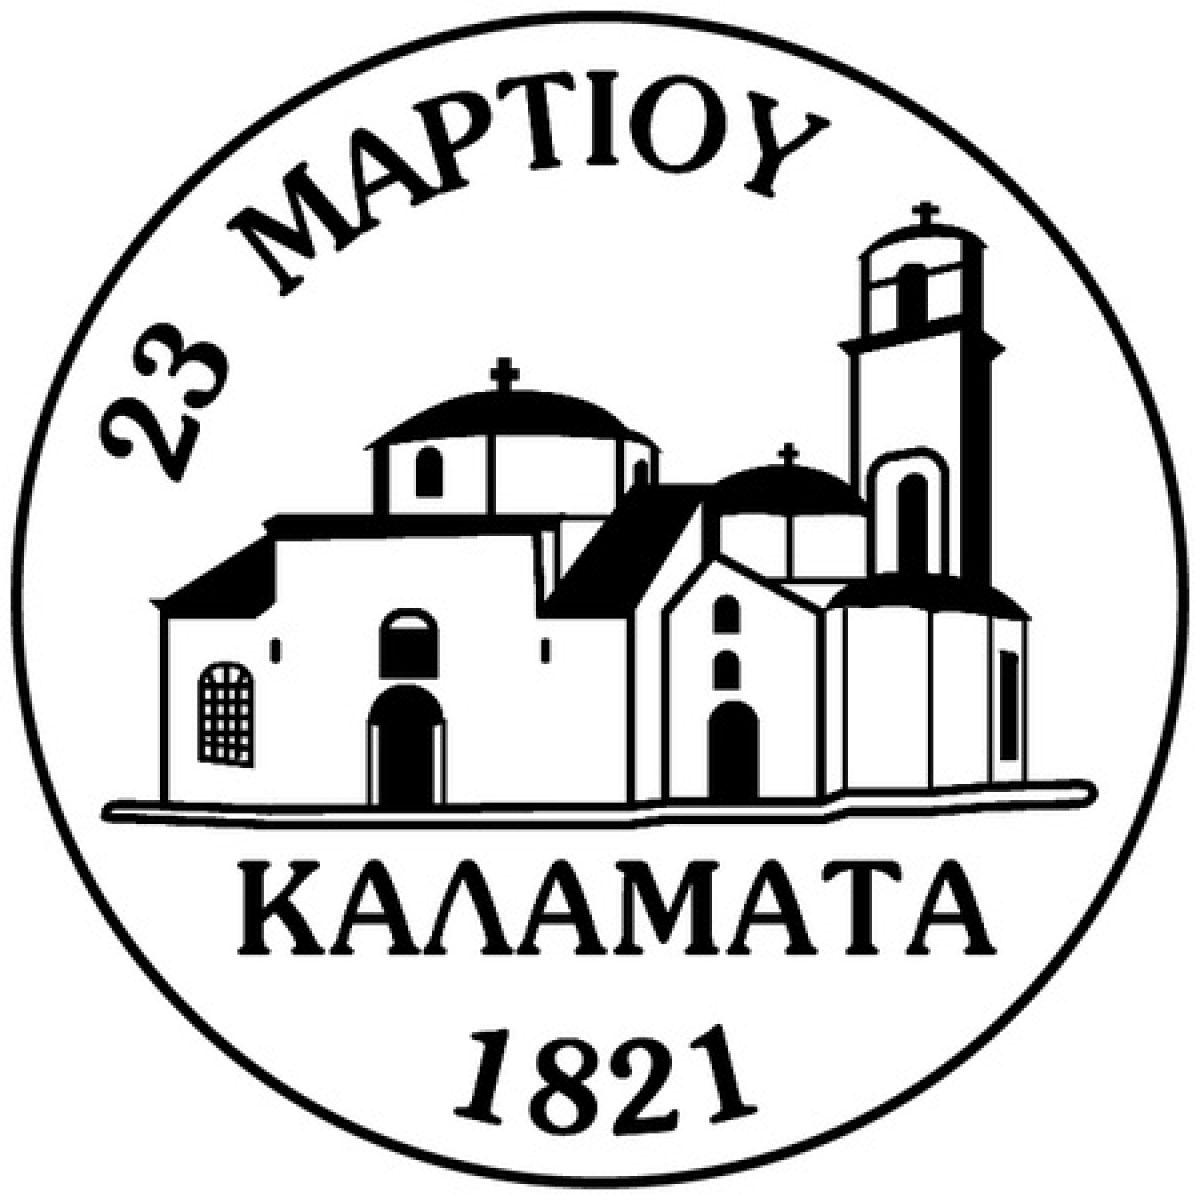 ΠΑΡΑΤΑΣΗ Πανελλήνιου Αρχιτεκτονικού Διαγωνισμού Ιδεών με τίτλο «Επανασχεδιασμός της οδού 23ης Μαρτίου με σκοπό την ενοποίηση του ιστορικού και εμπορικού κέντρου της πόλης της Καλαμάτας»